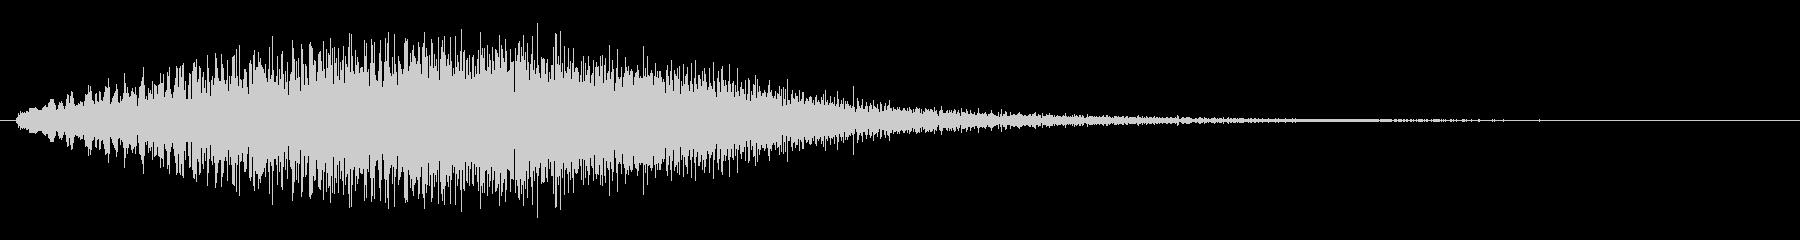 キラキラ系(上品な音)の未再生の波形